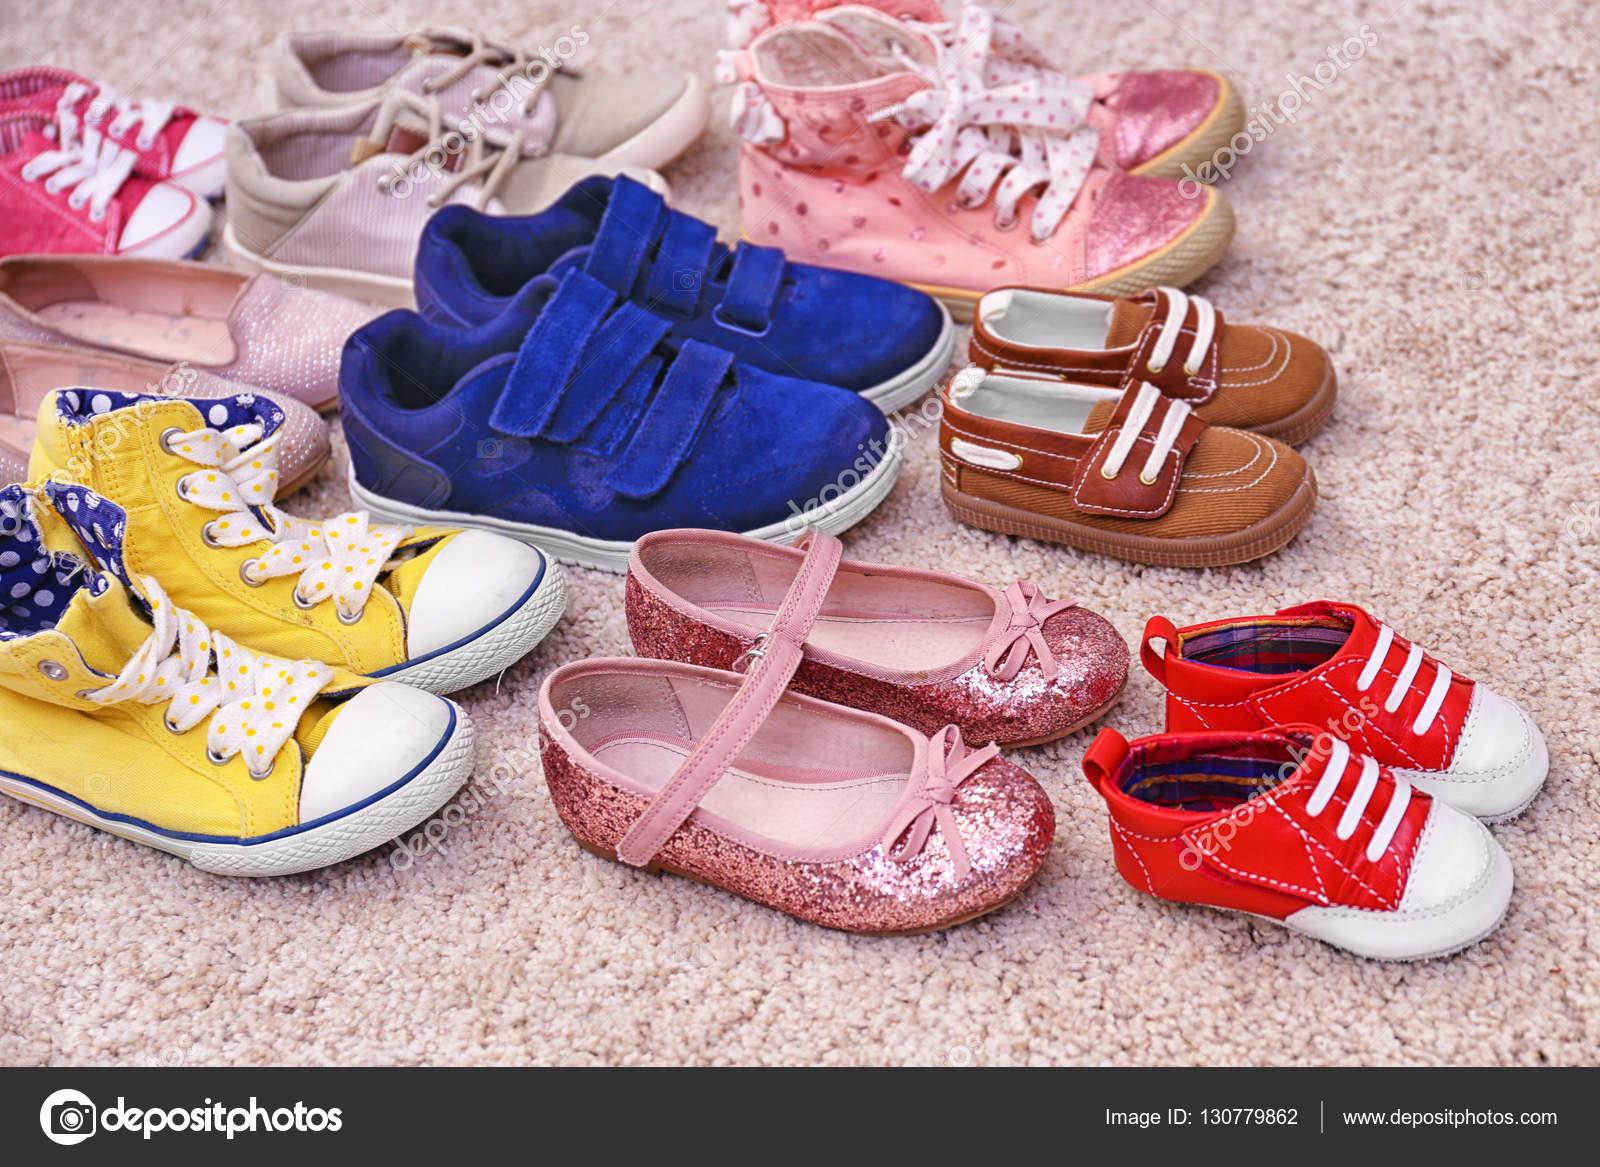 db5cb9bdfdf Πολύχρωμα Παιδικά παπούτσια — Φωτογραφία Αρχείου © belchonock #130779862